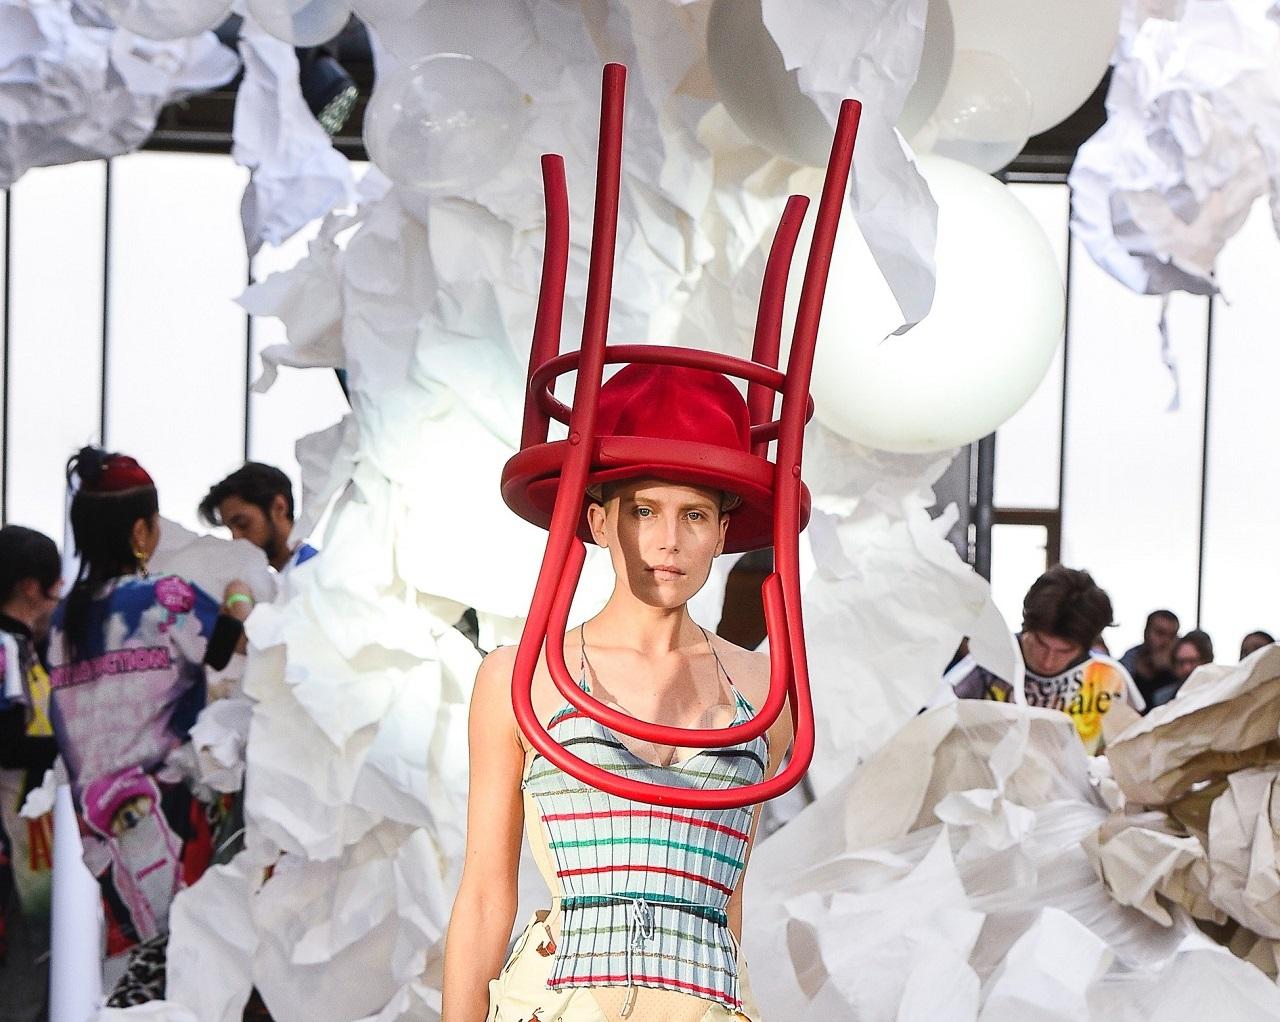 Шляпа-стул, атлеты на каблуках и не только: смотрим провокационный показ Andreas Kronthaler for Vivienne Westwood